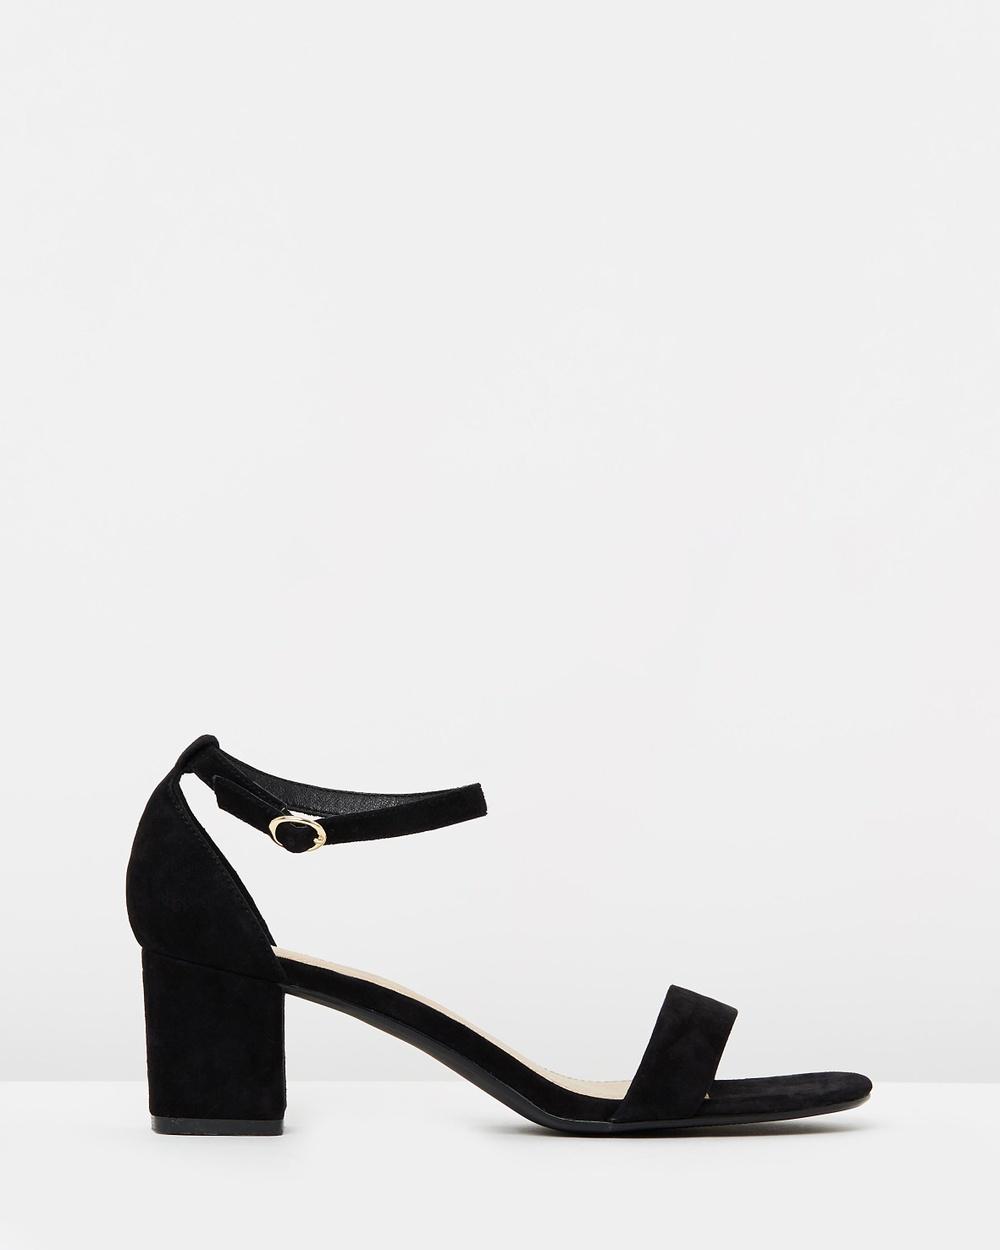 Atmos & Here ICONIC EXCLUSIVE Lauren Leather Block Heels Mid-low heels Black Suede ICONIC EXCLUSIVE Lauren Leather Block Heels